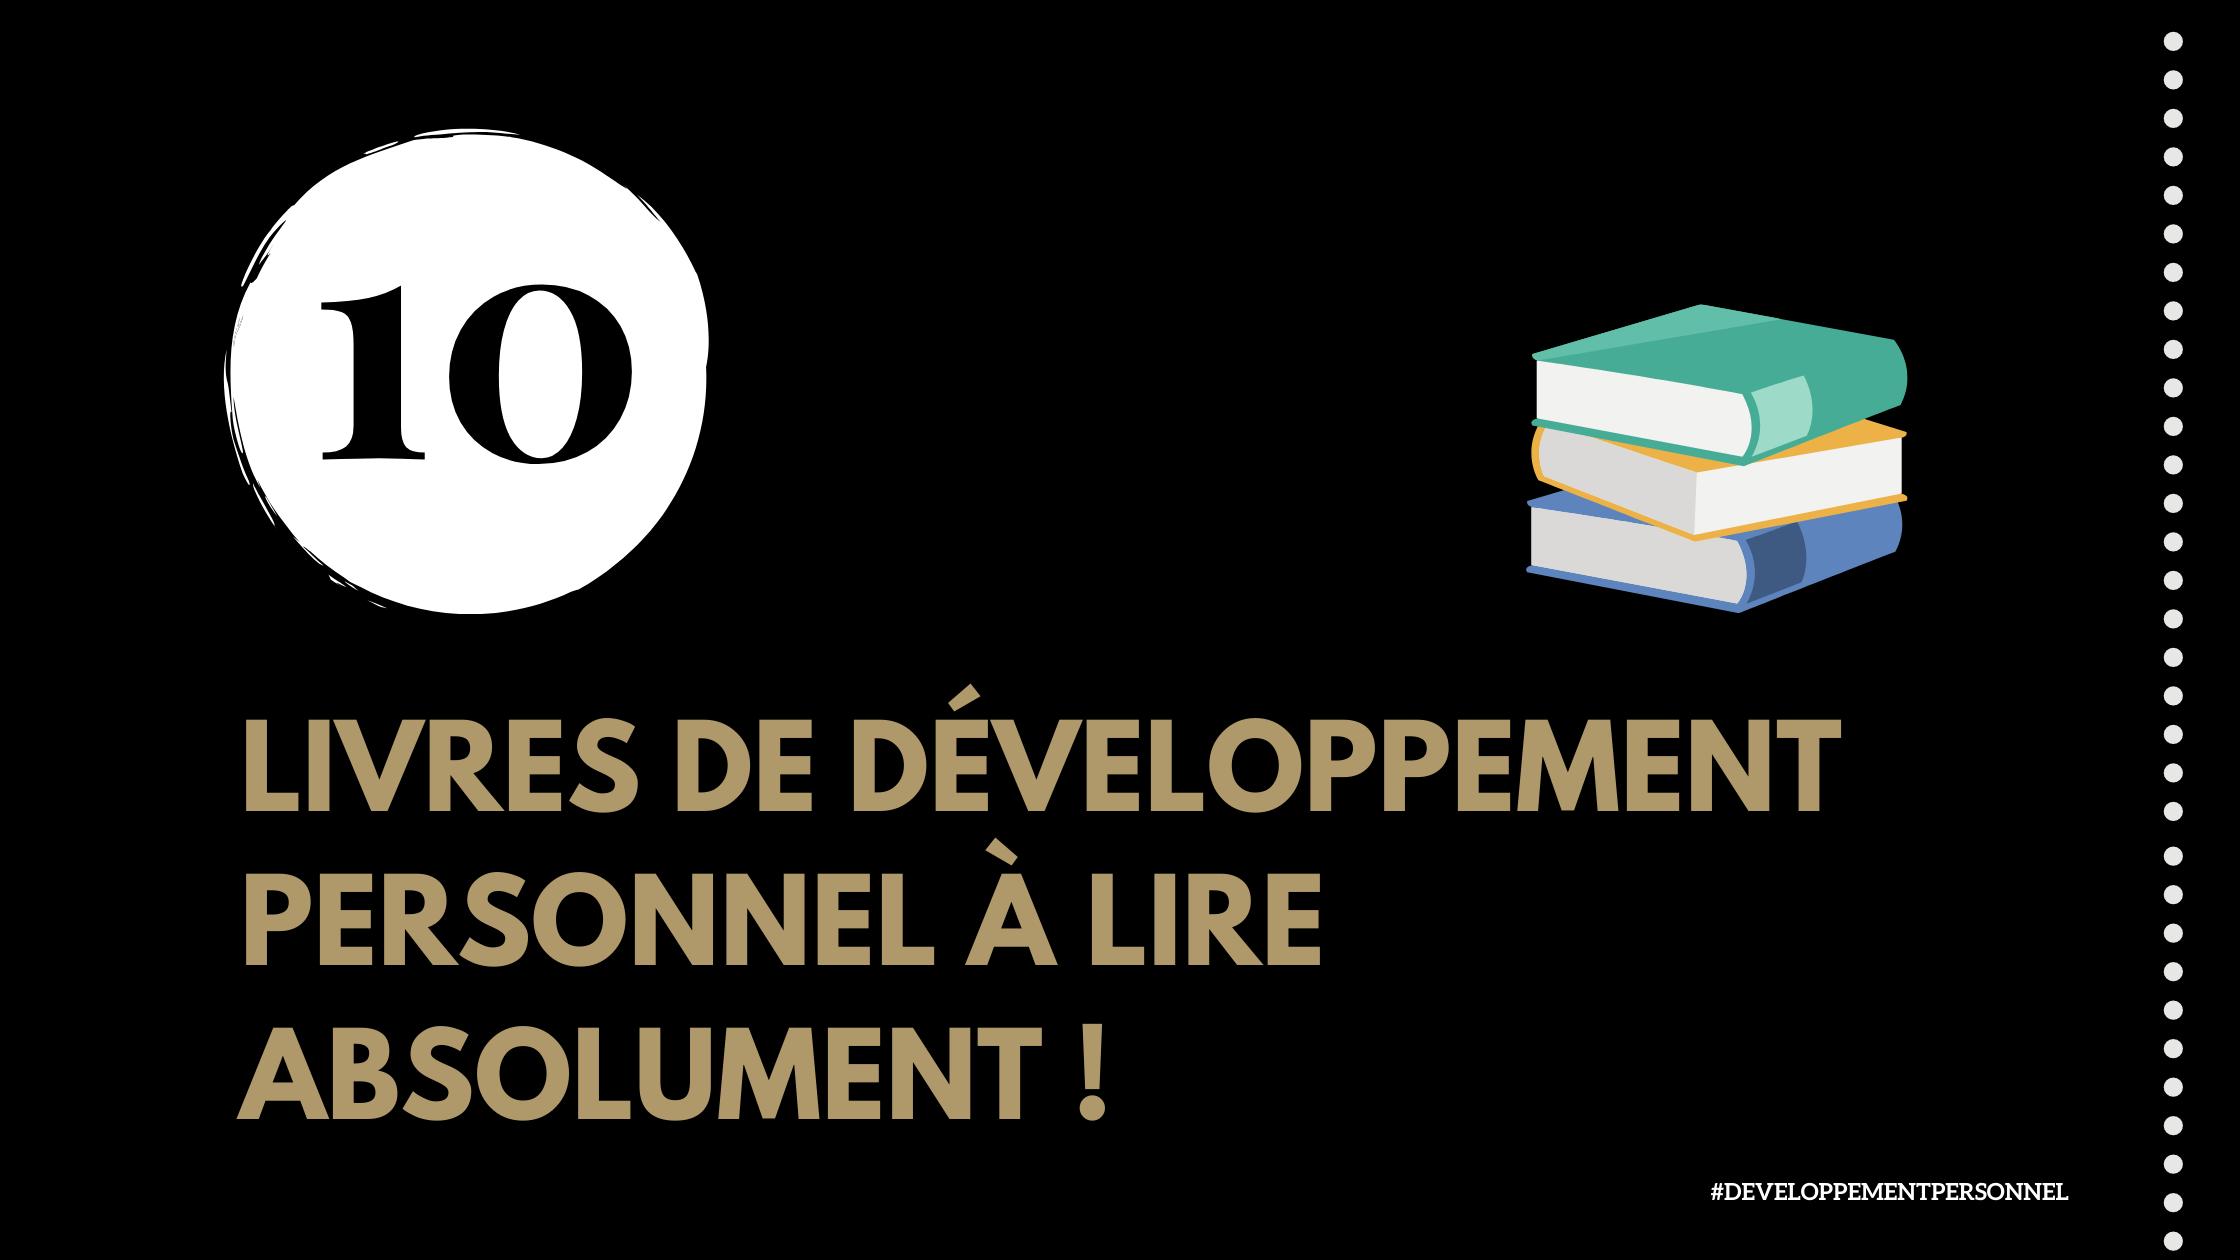 10 livres de développement personnel à lire absolument